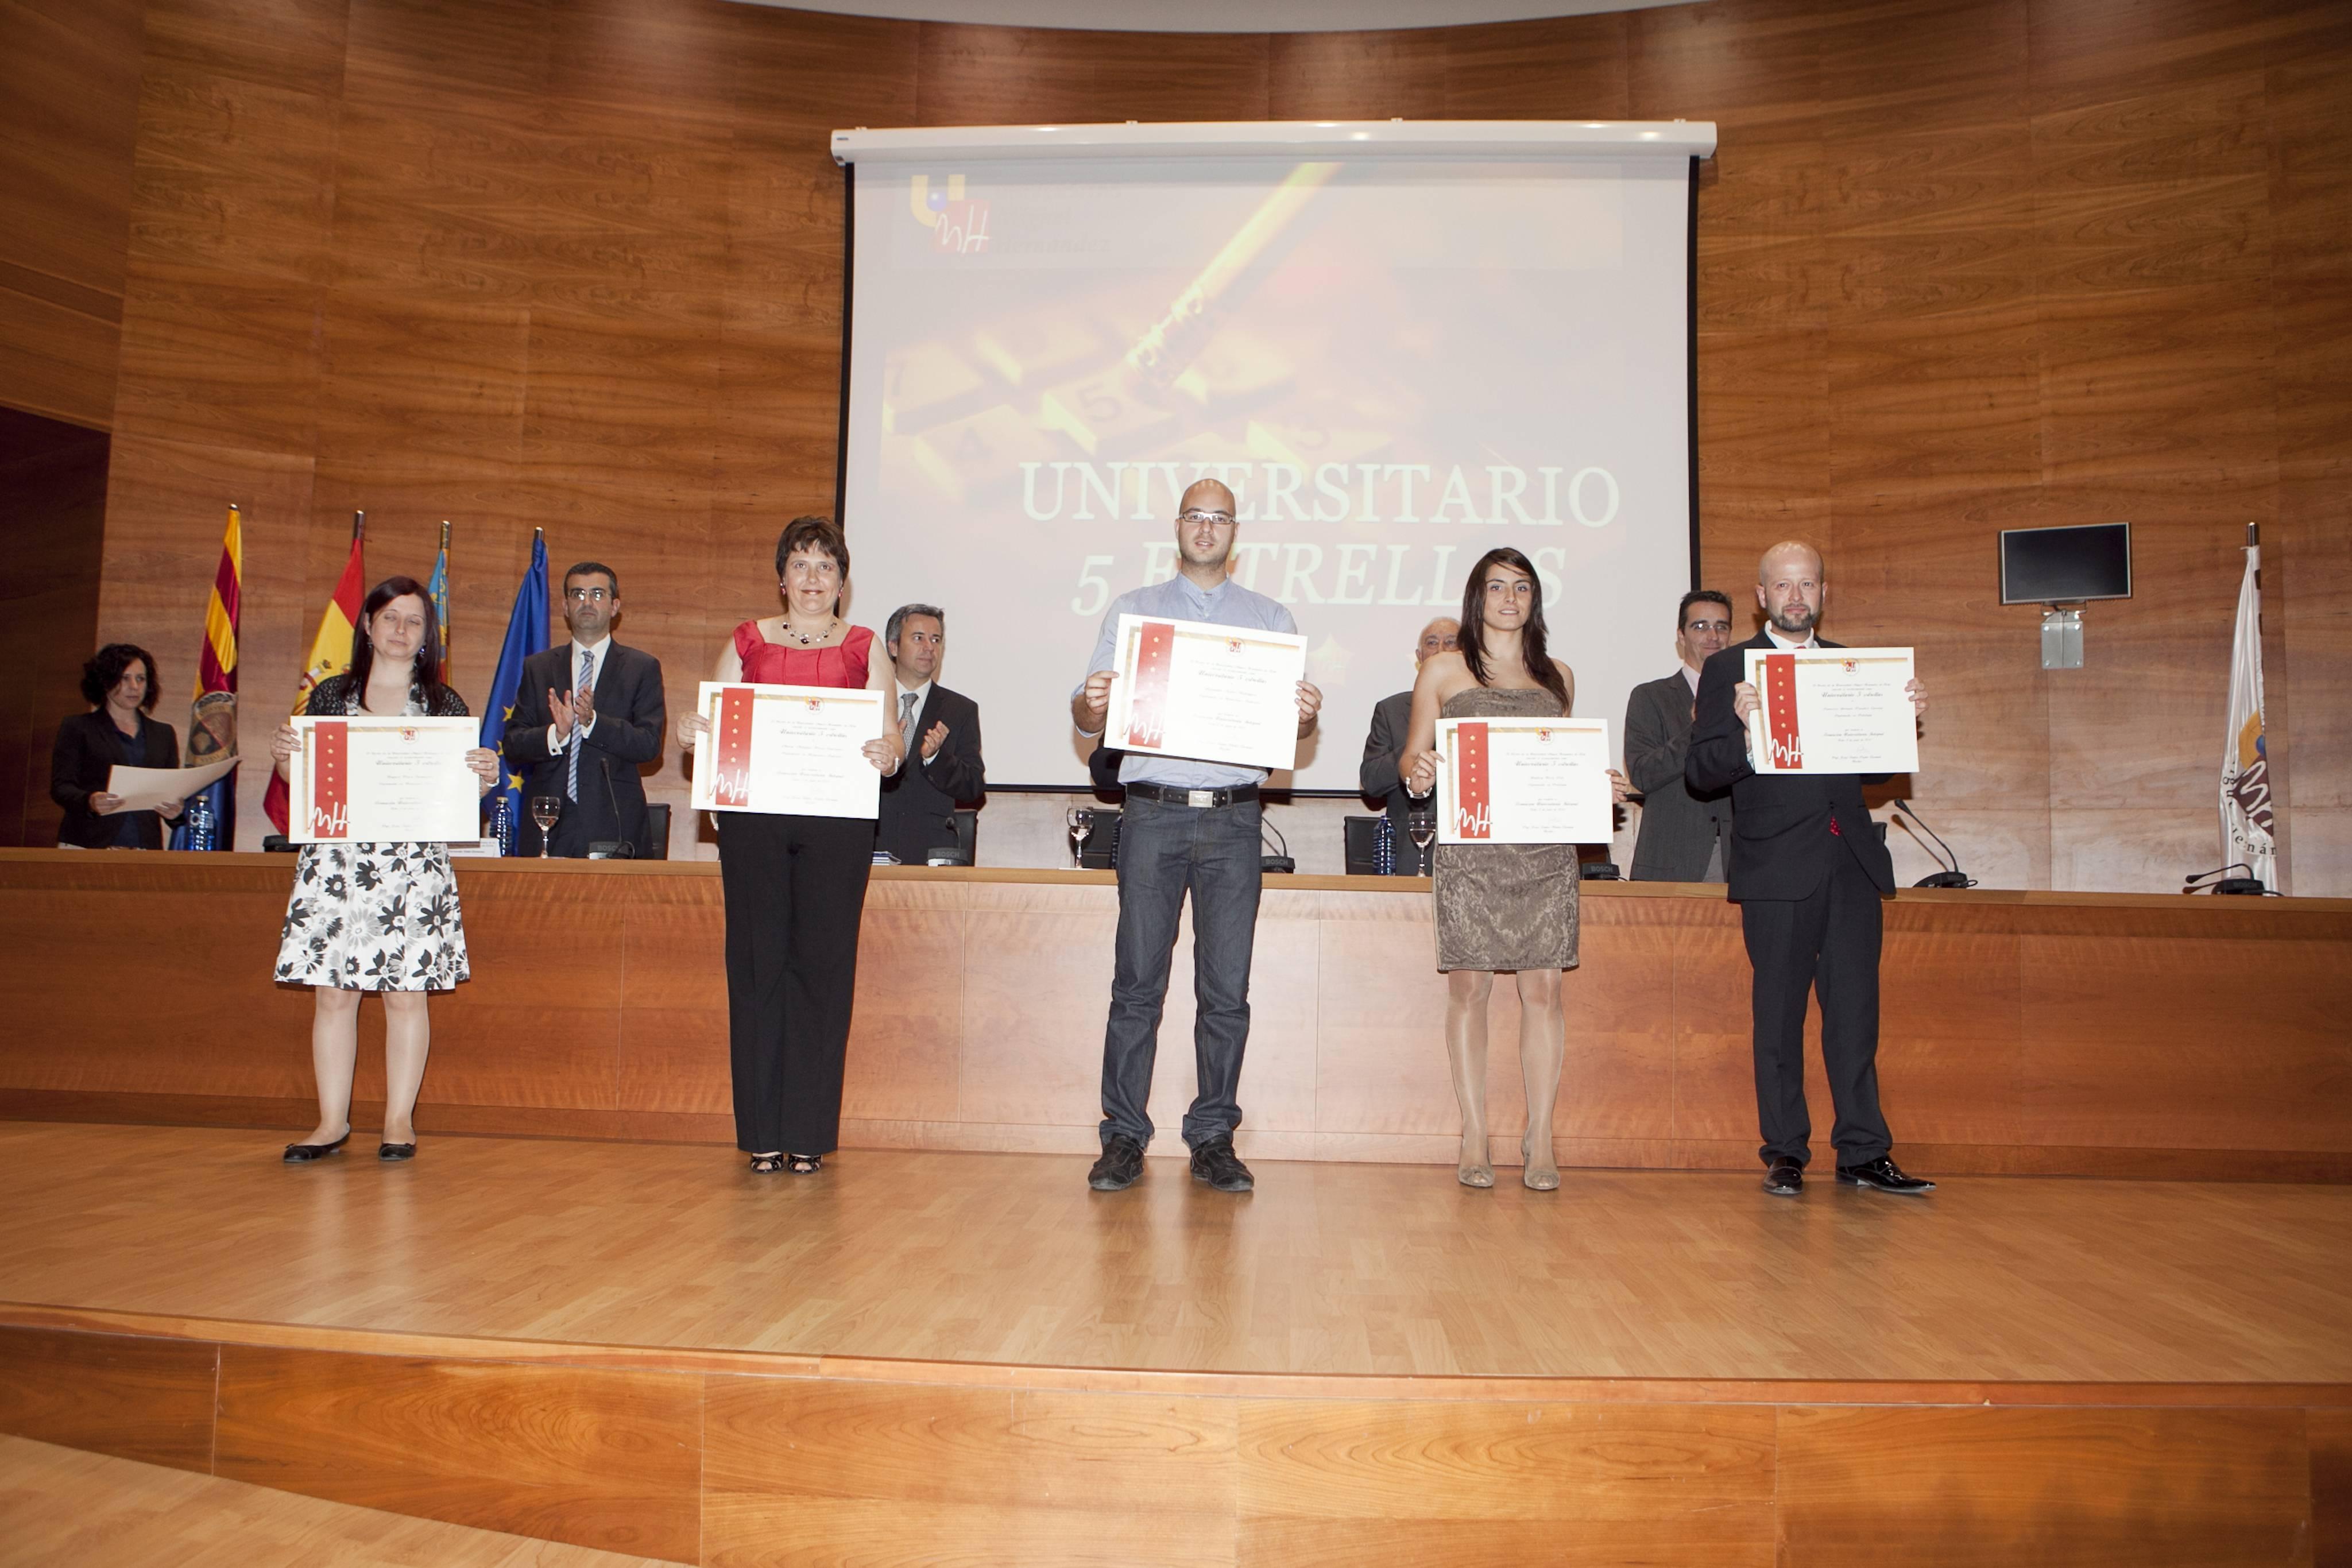 premios-5-estrellas_mg_0526.jpg